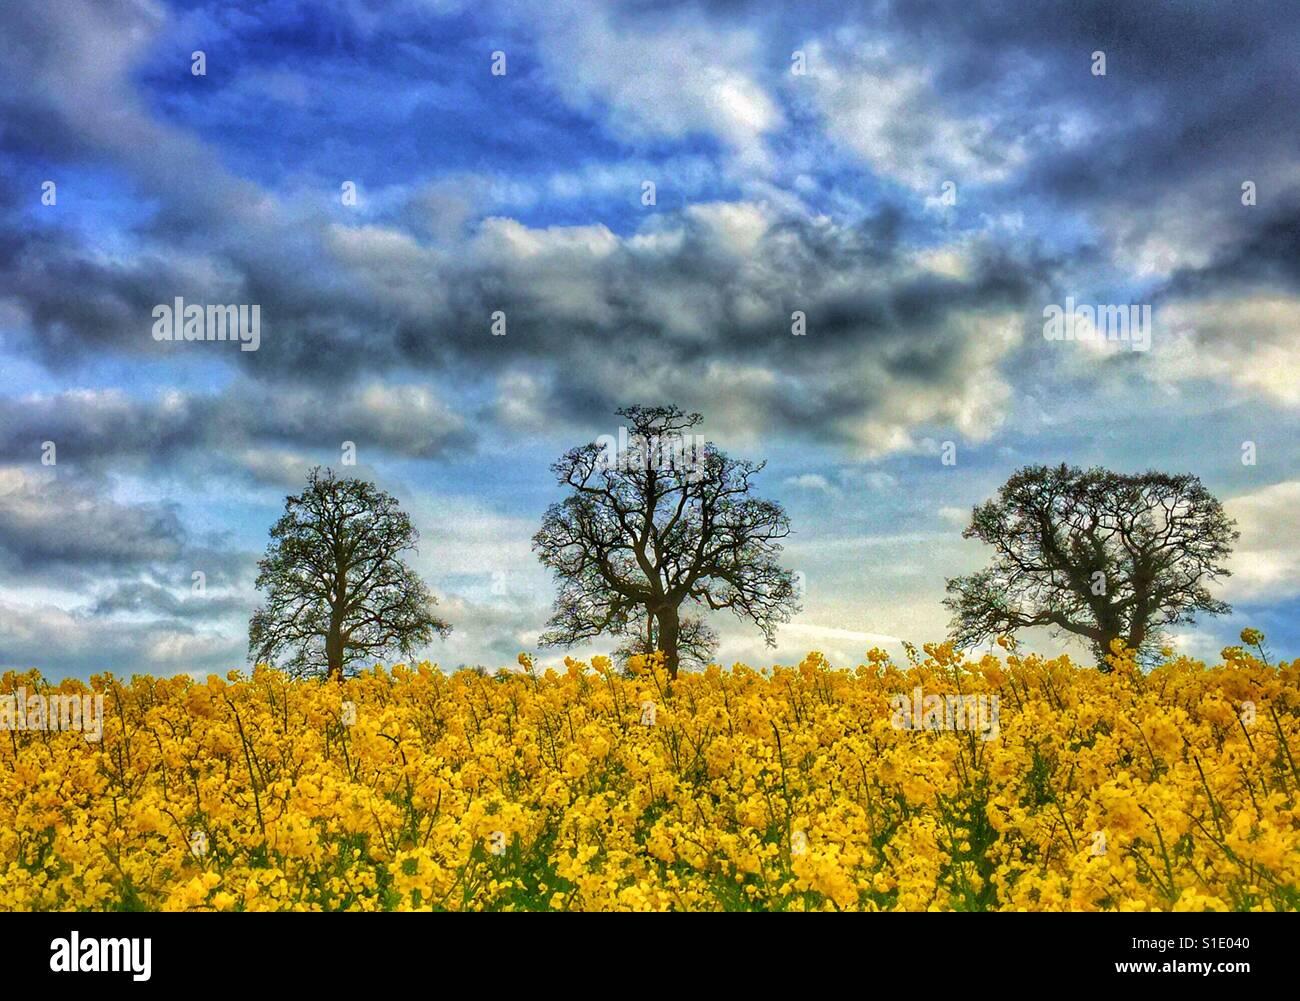 Drei Bäume in einem gelben Feld von Ölsaaten Blumen. Der dramatische Himmel bedeutet, dass Regen nicht Stockbild